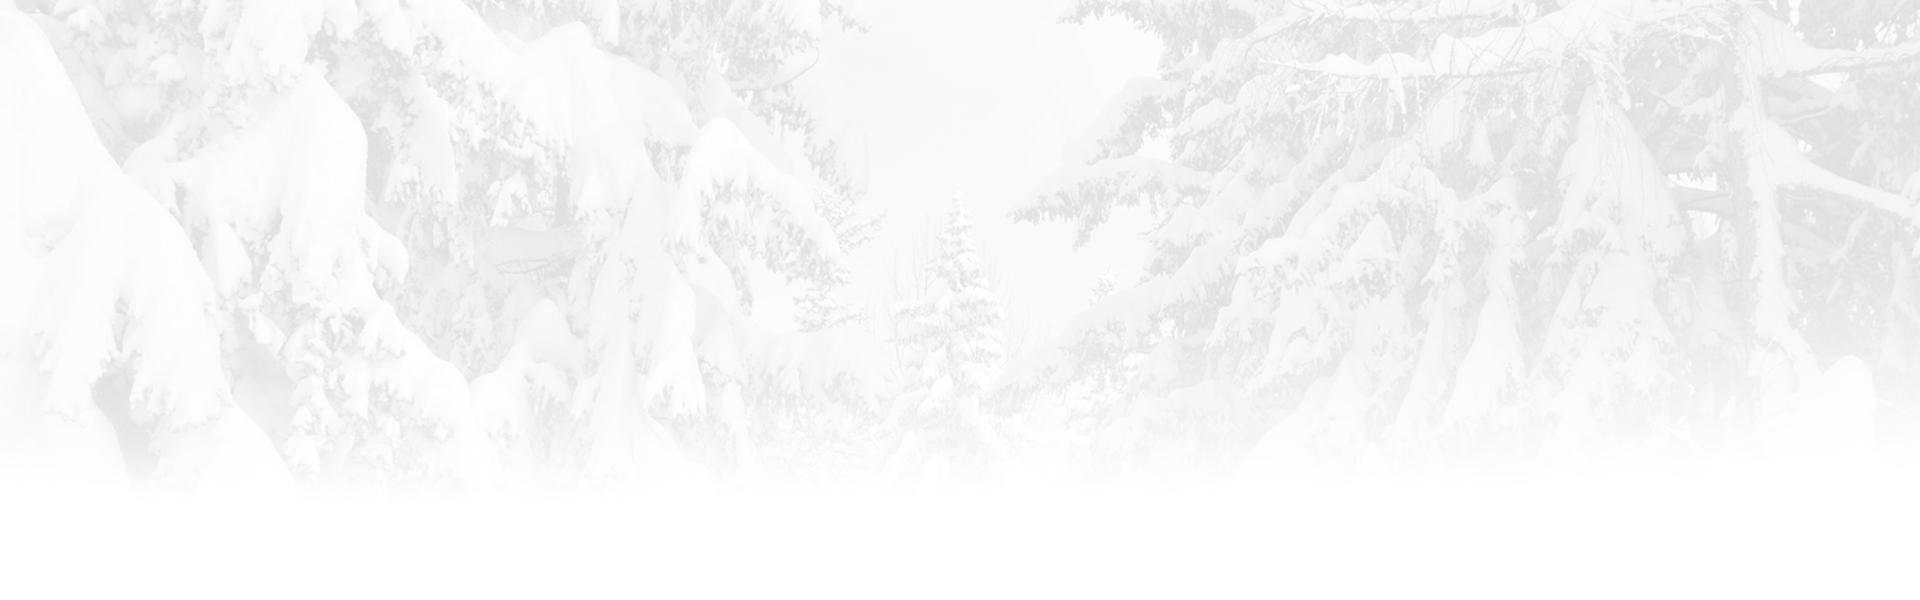 sfondo innevato husky village